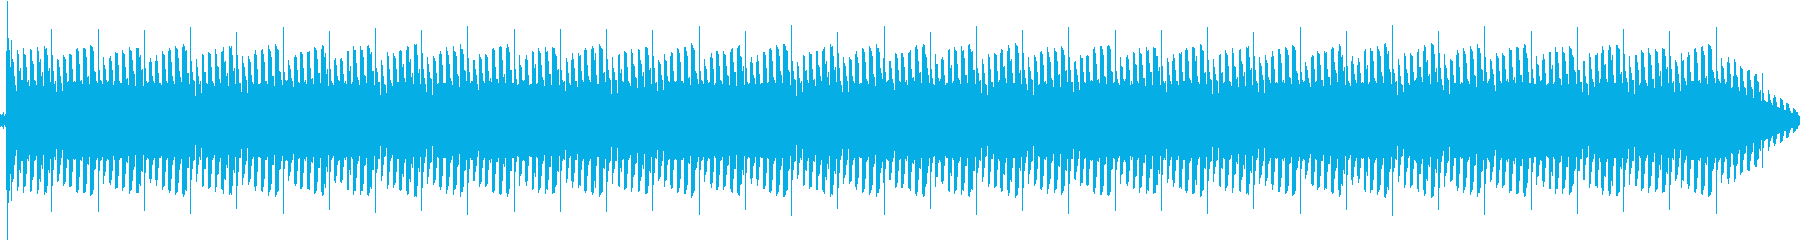 トーンリングバードループの再生済みの波形